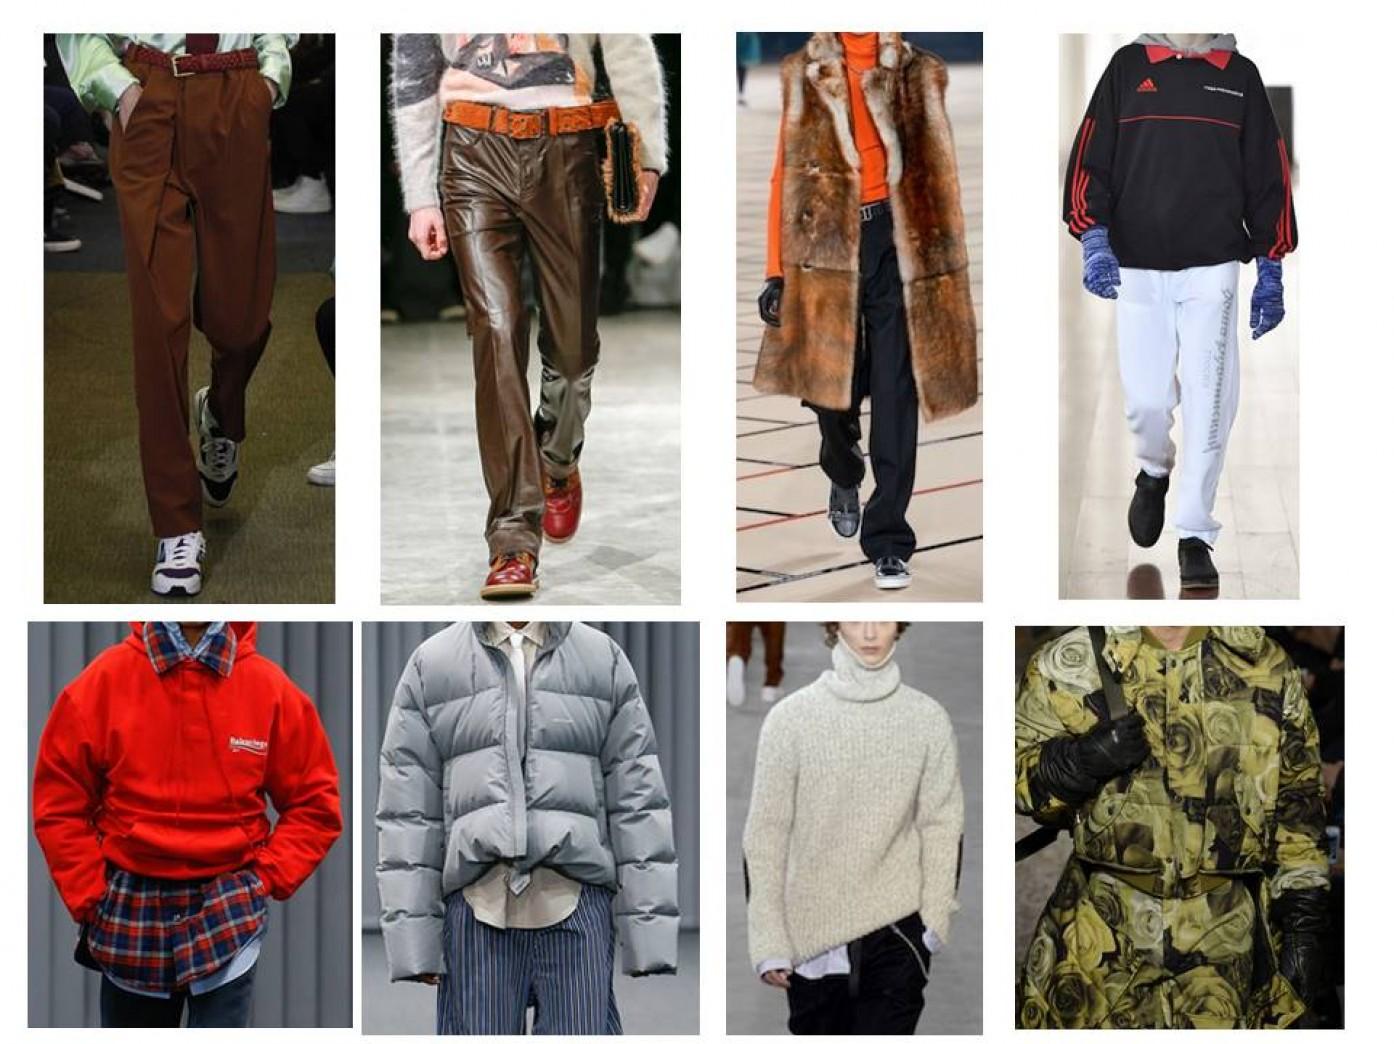 Módní trendy pro muže podzim zima 2017 - Osobní módní stylista d5bd3aef13